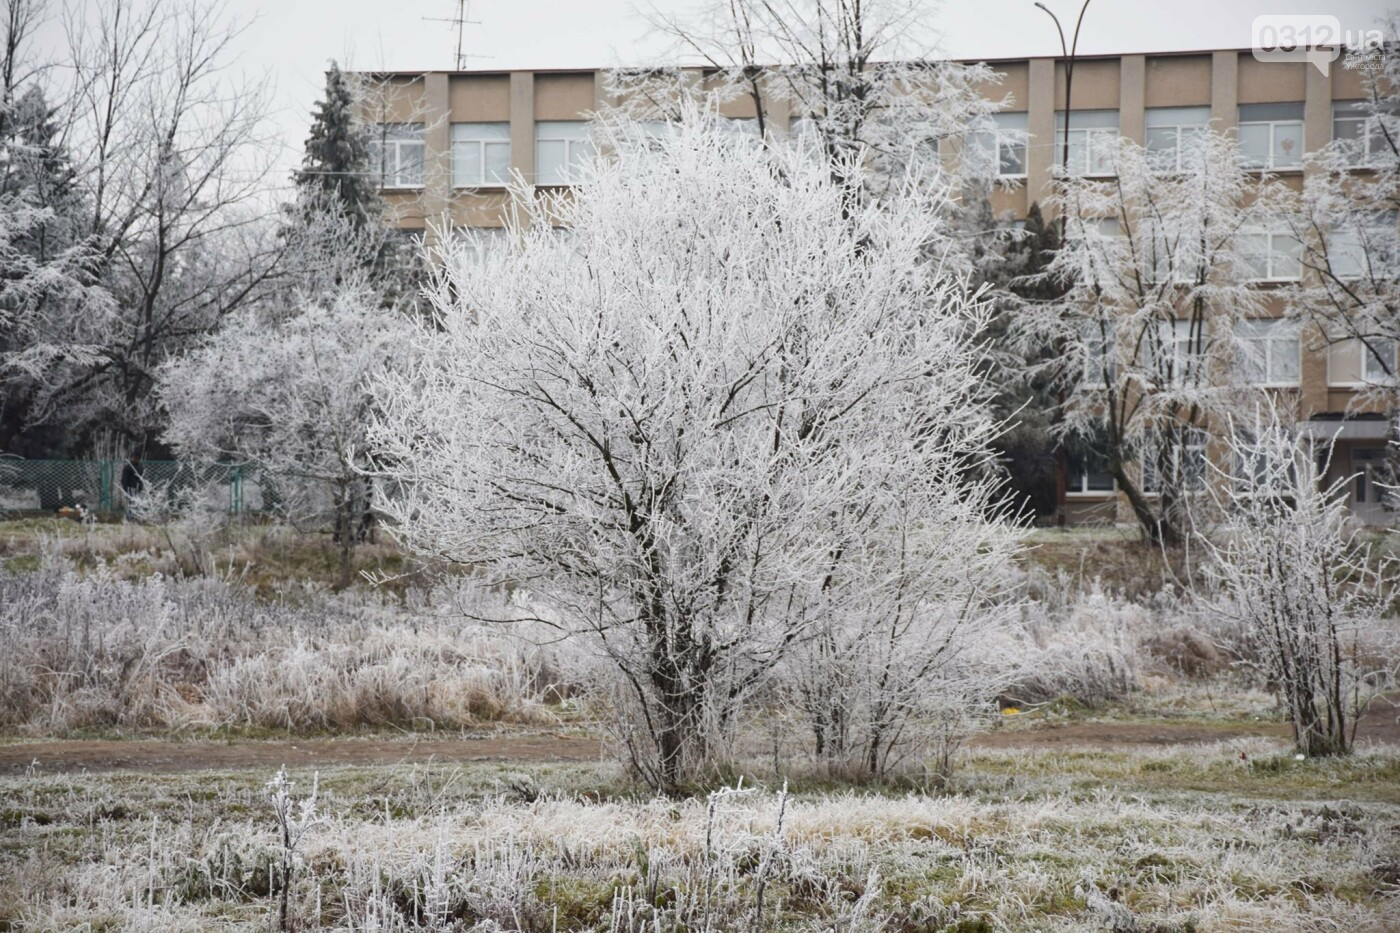 Ужгородський парк «Кірпічка»: засніжений і без снігу, фото-8